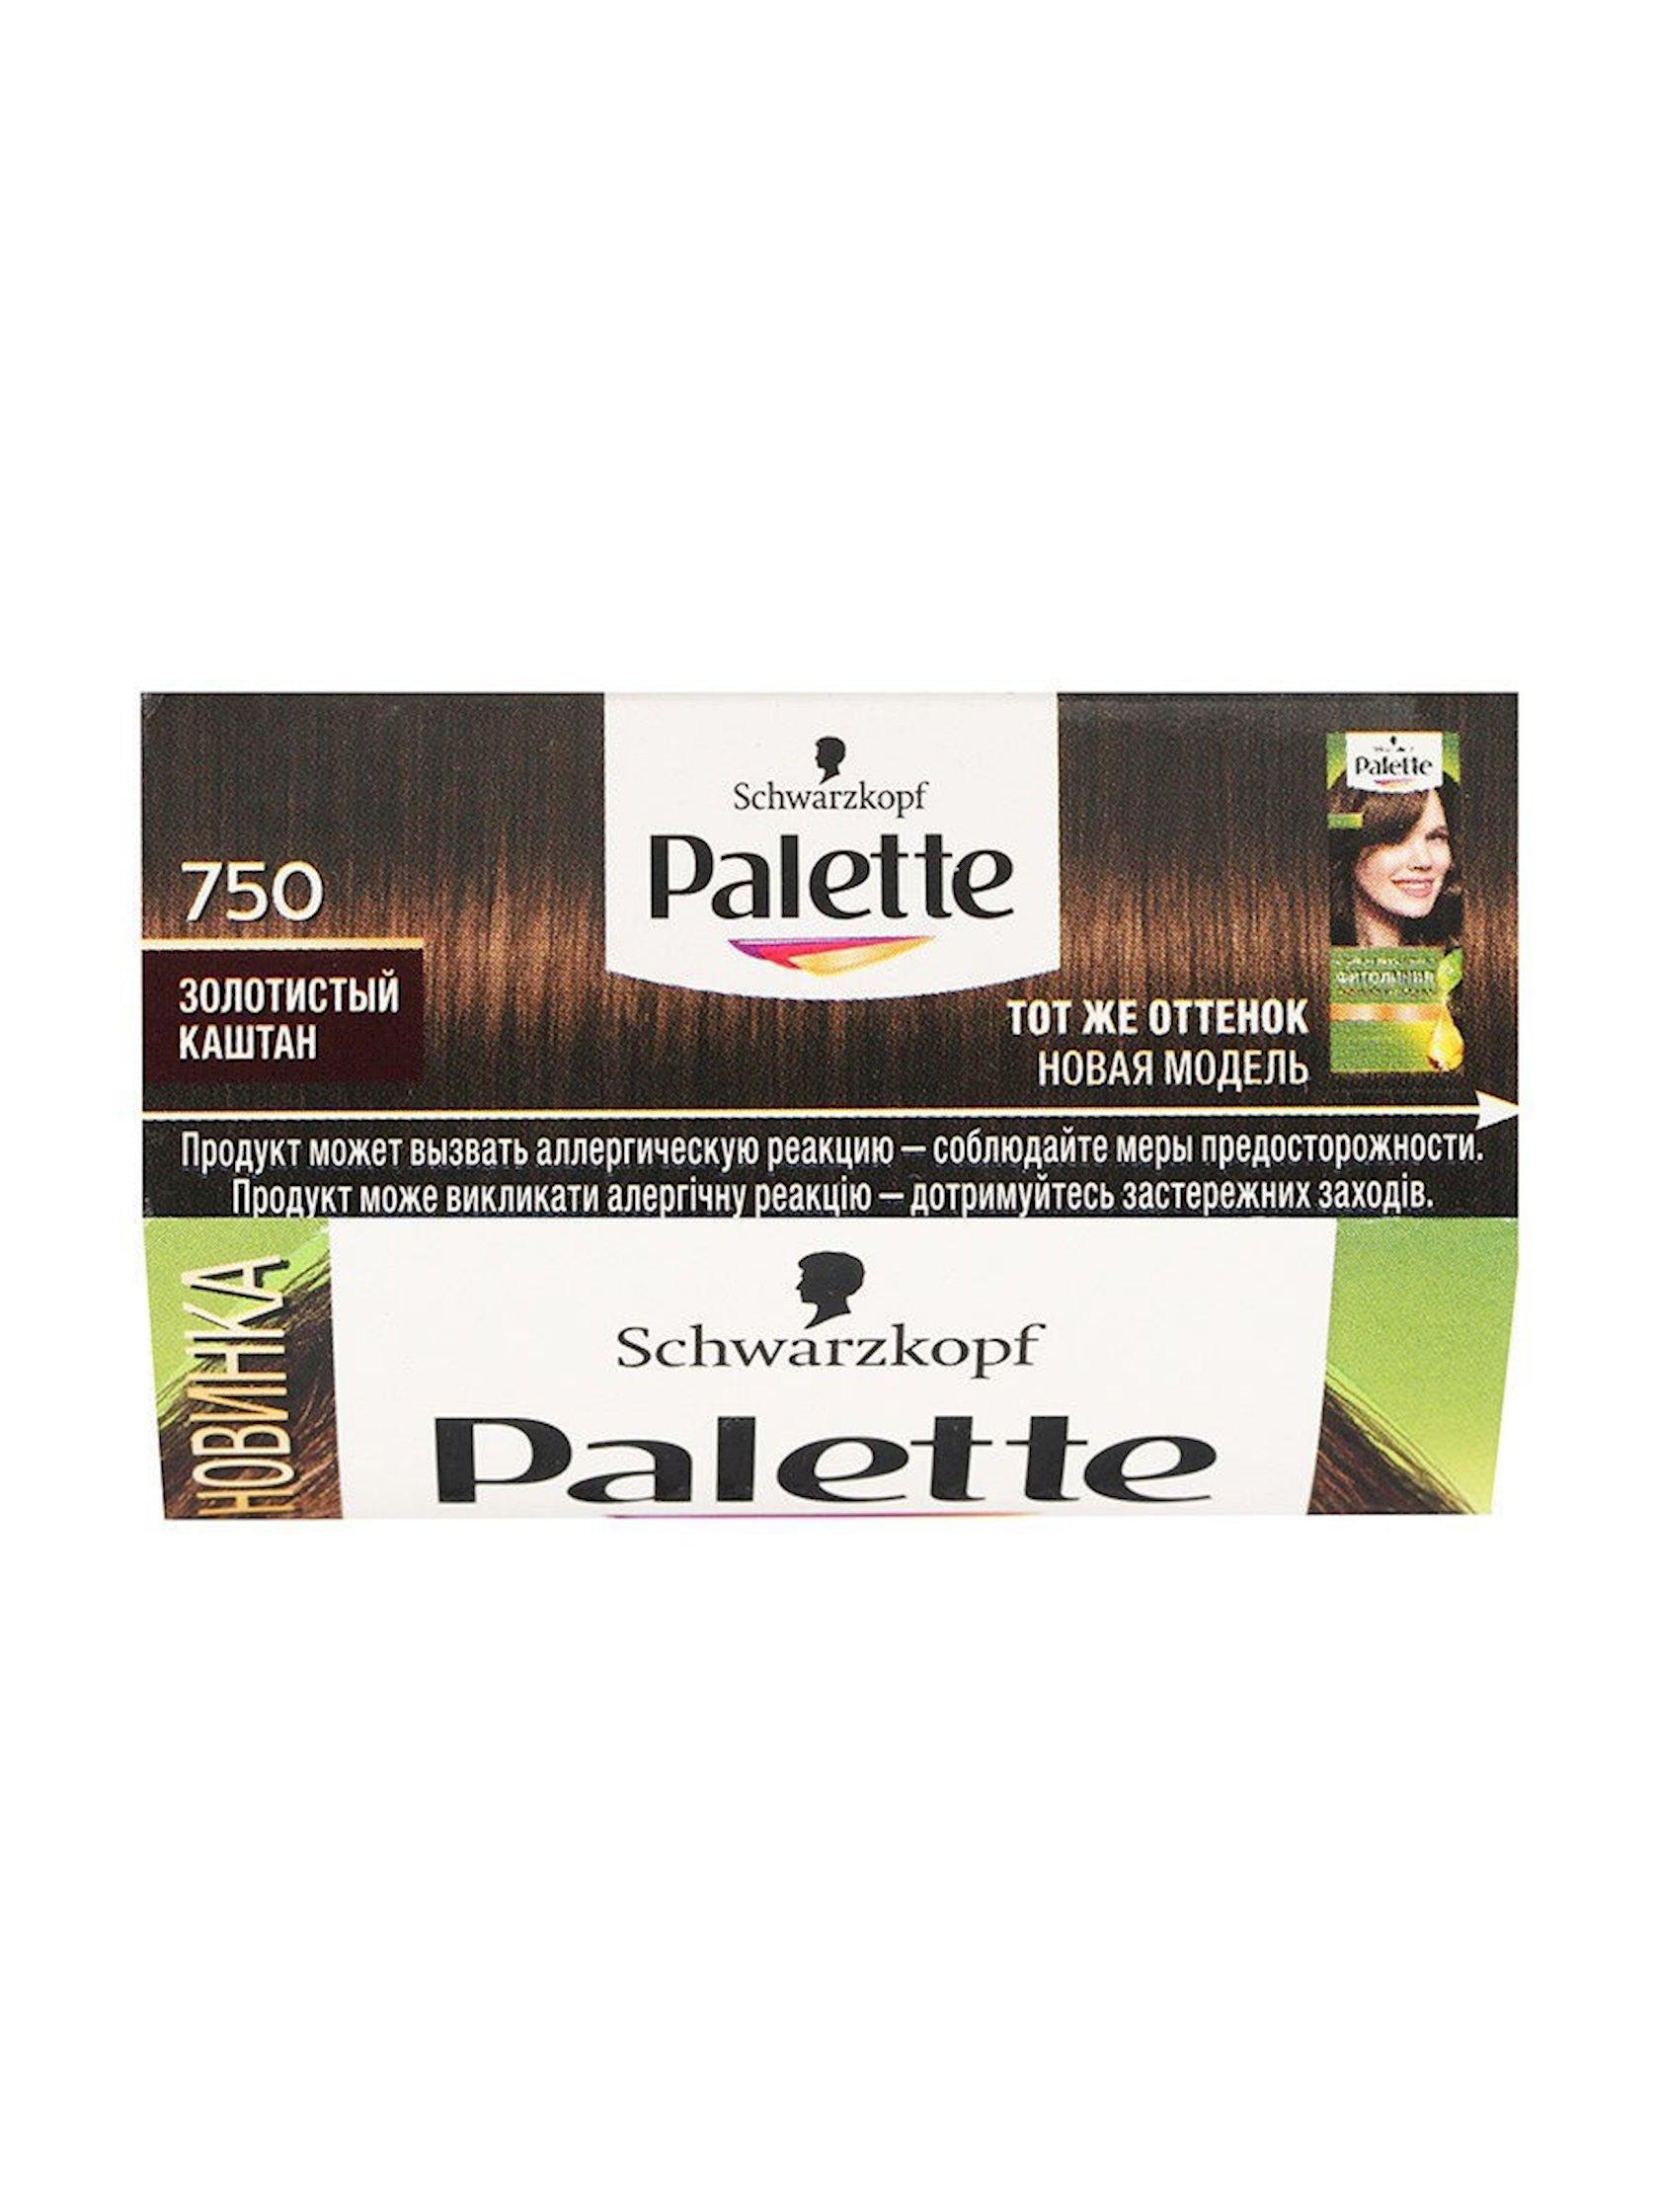 Saç boyası Palette Fitoliniya 750 4-60 Qızılı şabalıd